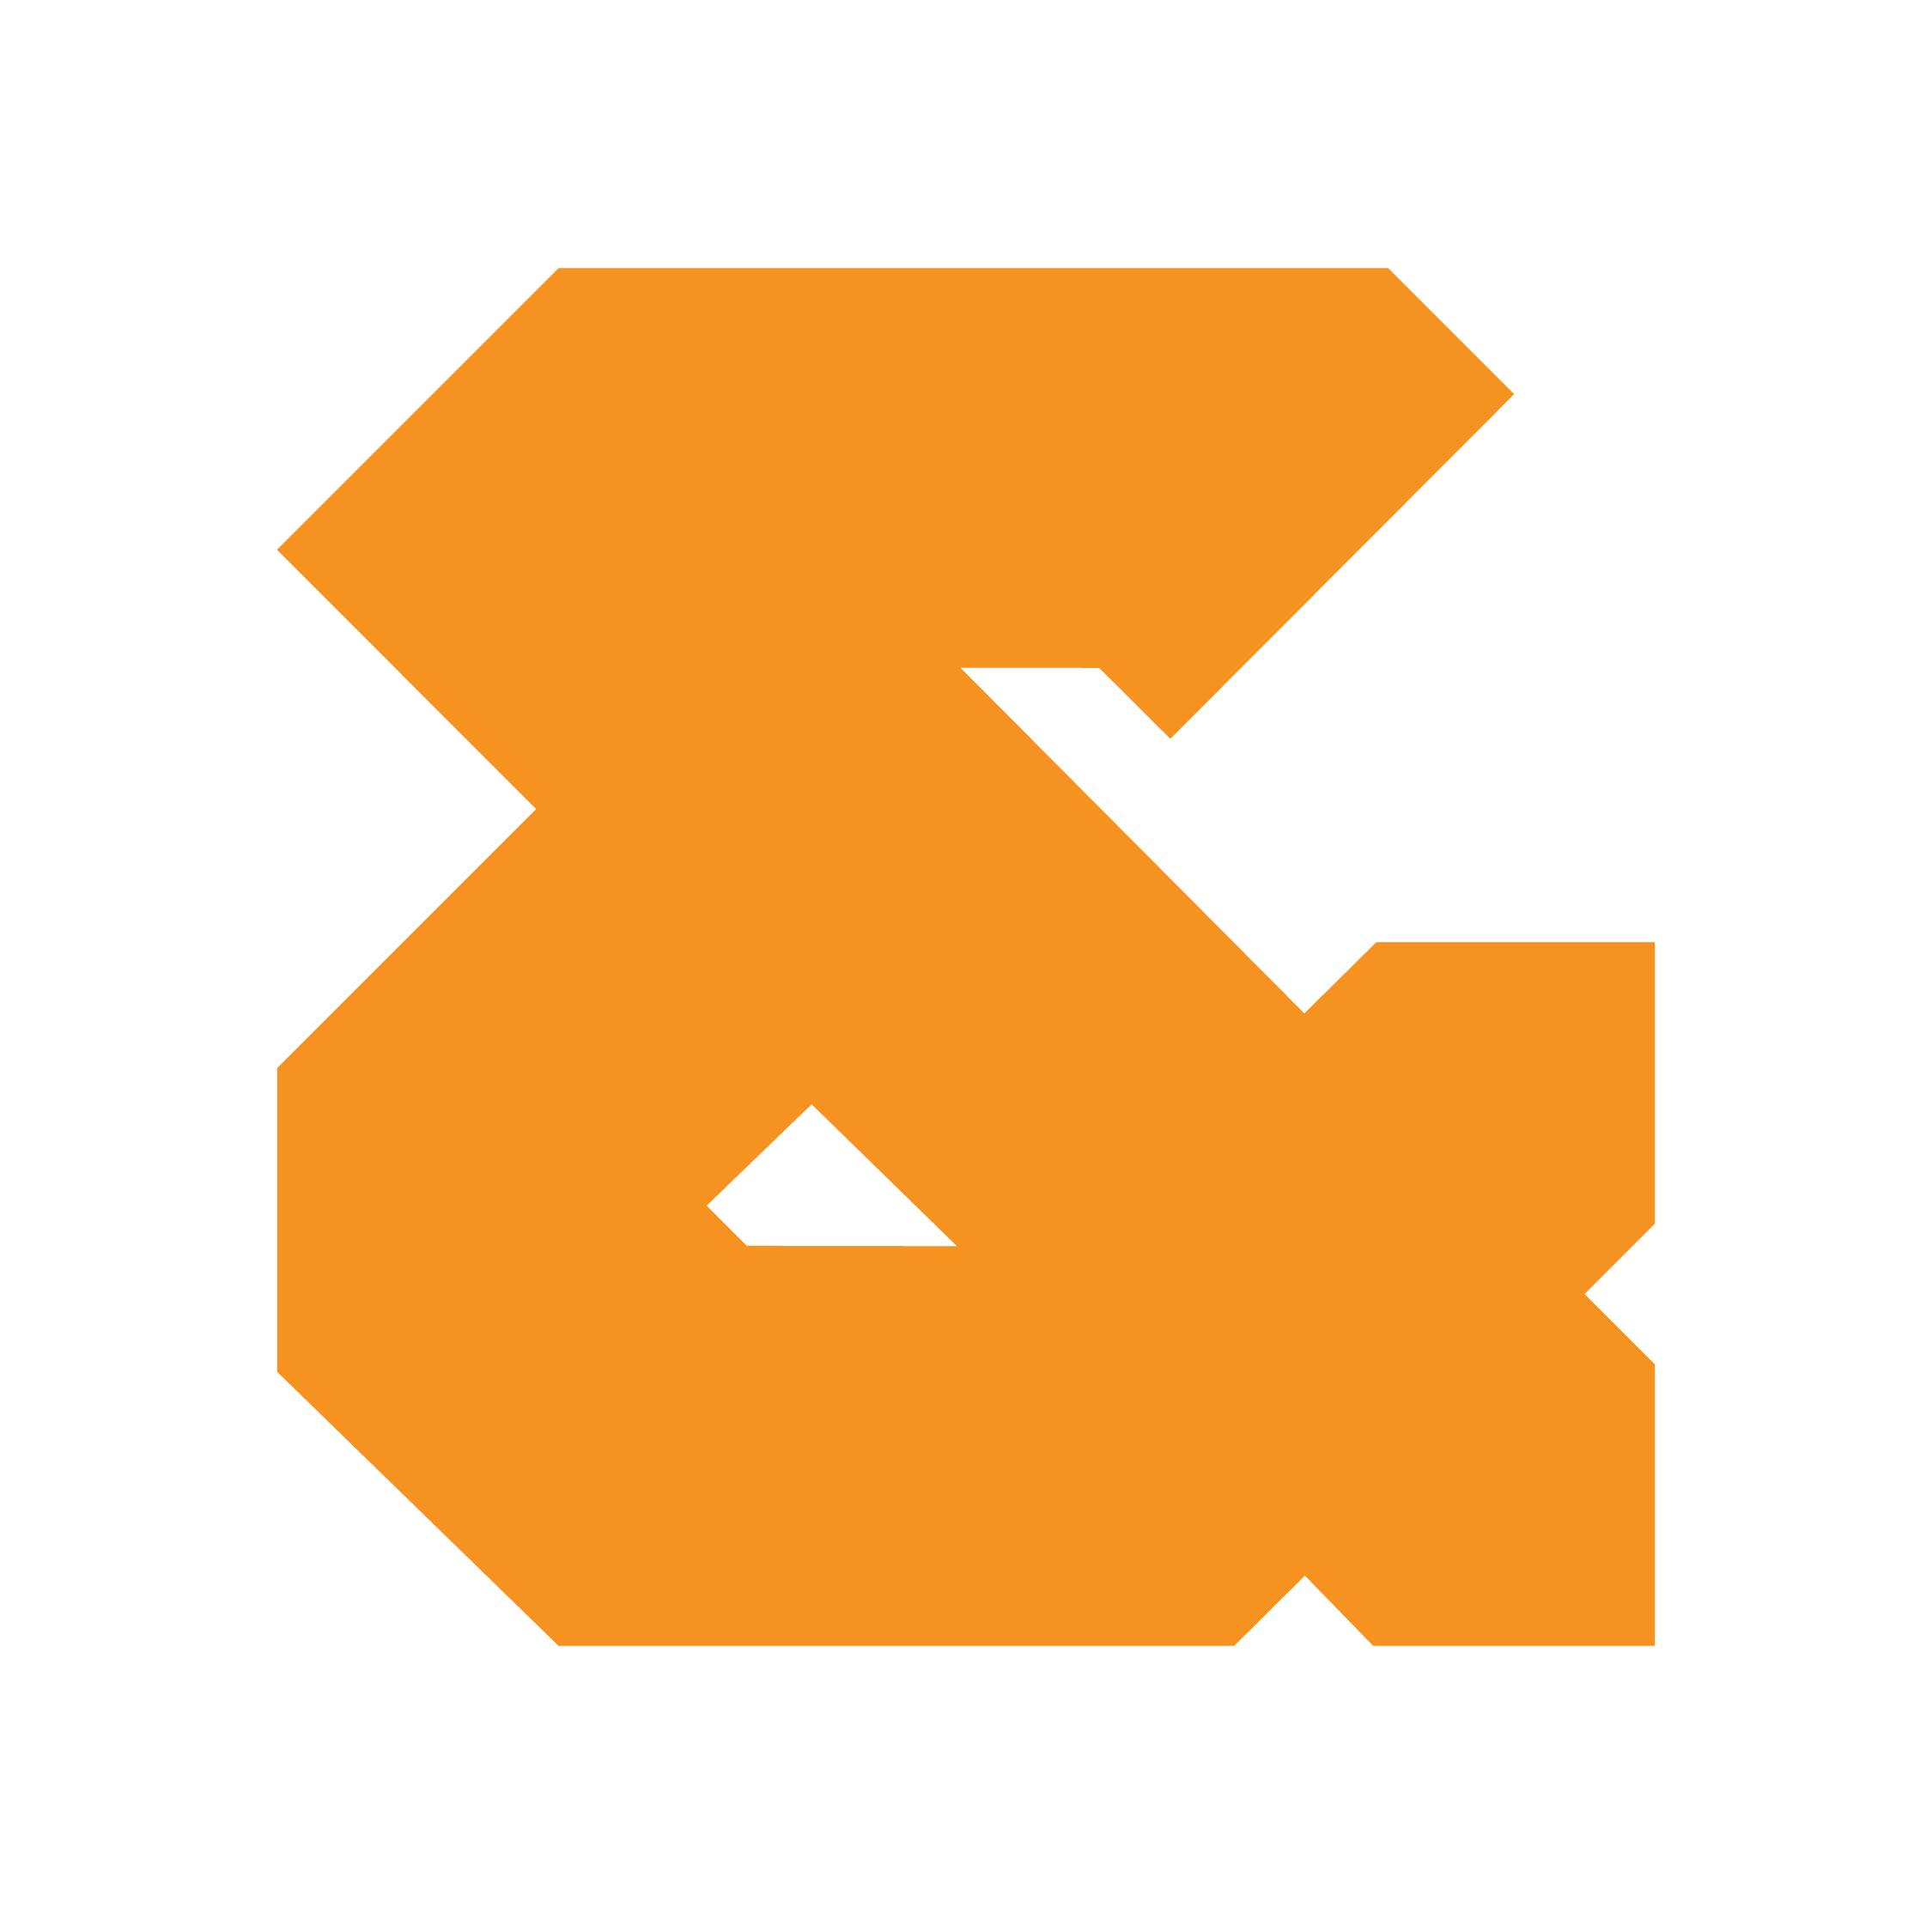 ddm_logo_2018_04_amper.jpg